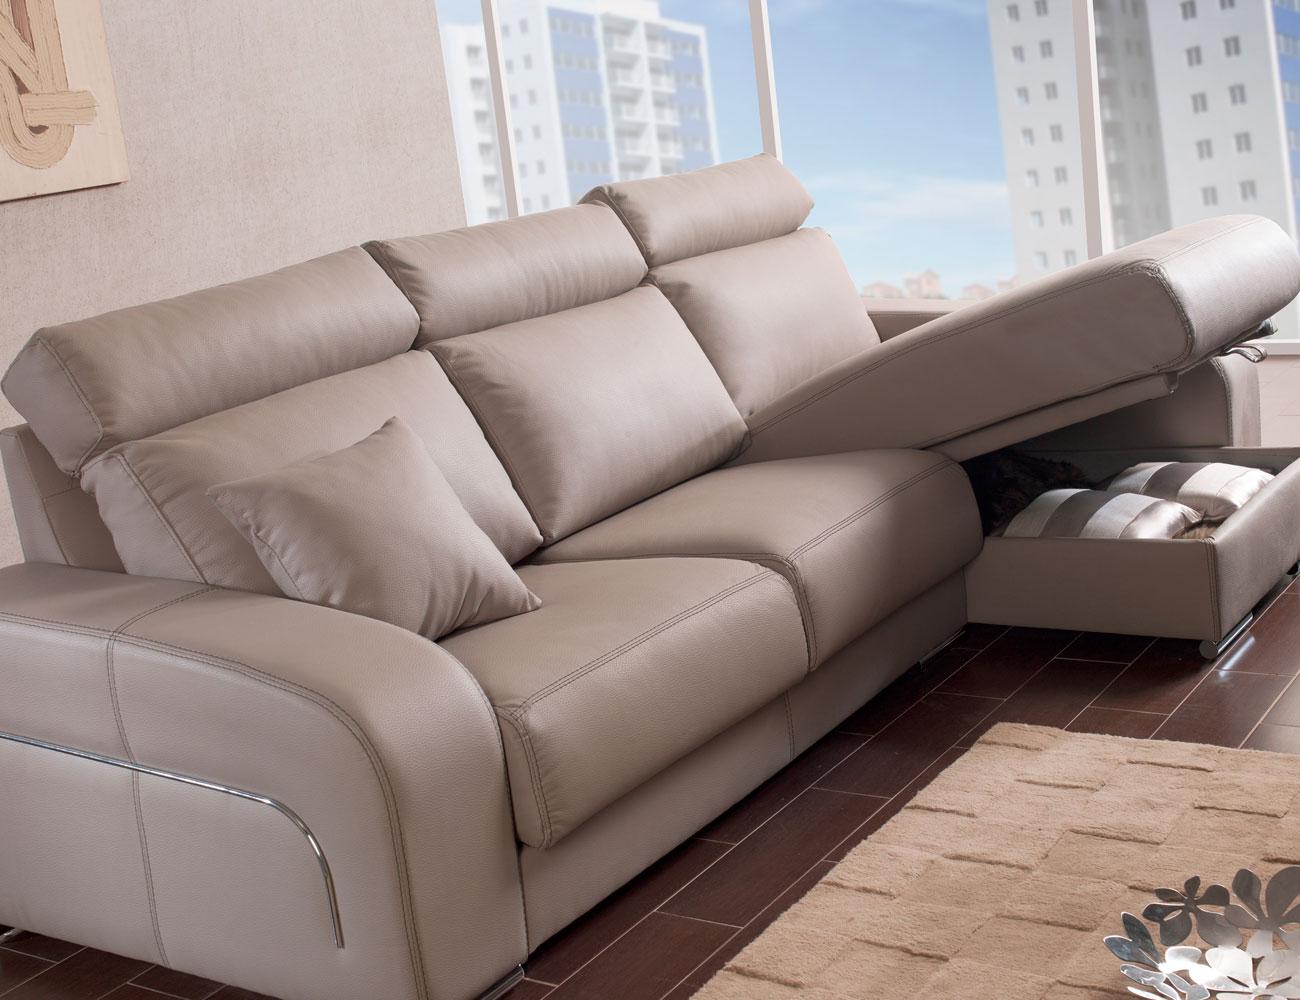 Sofa chaiselongue moderno pared cero arcon53